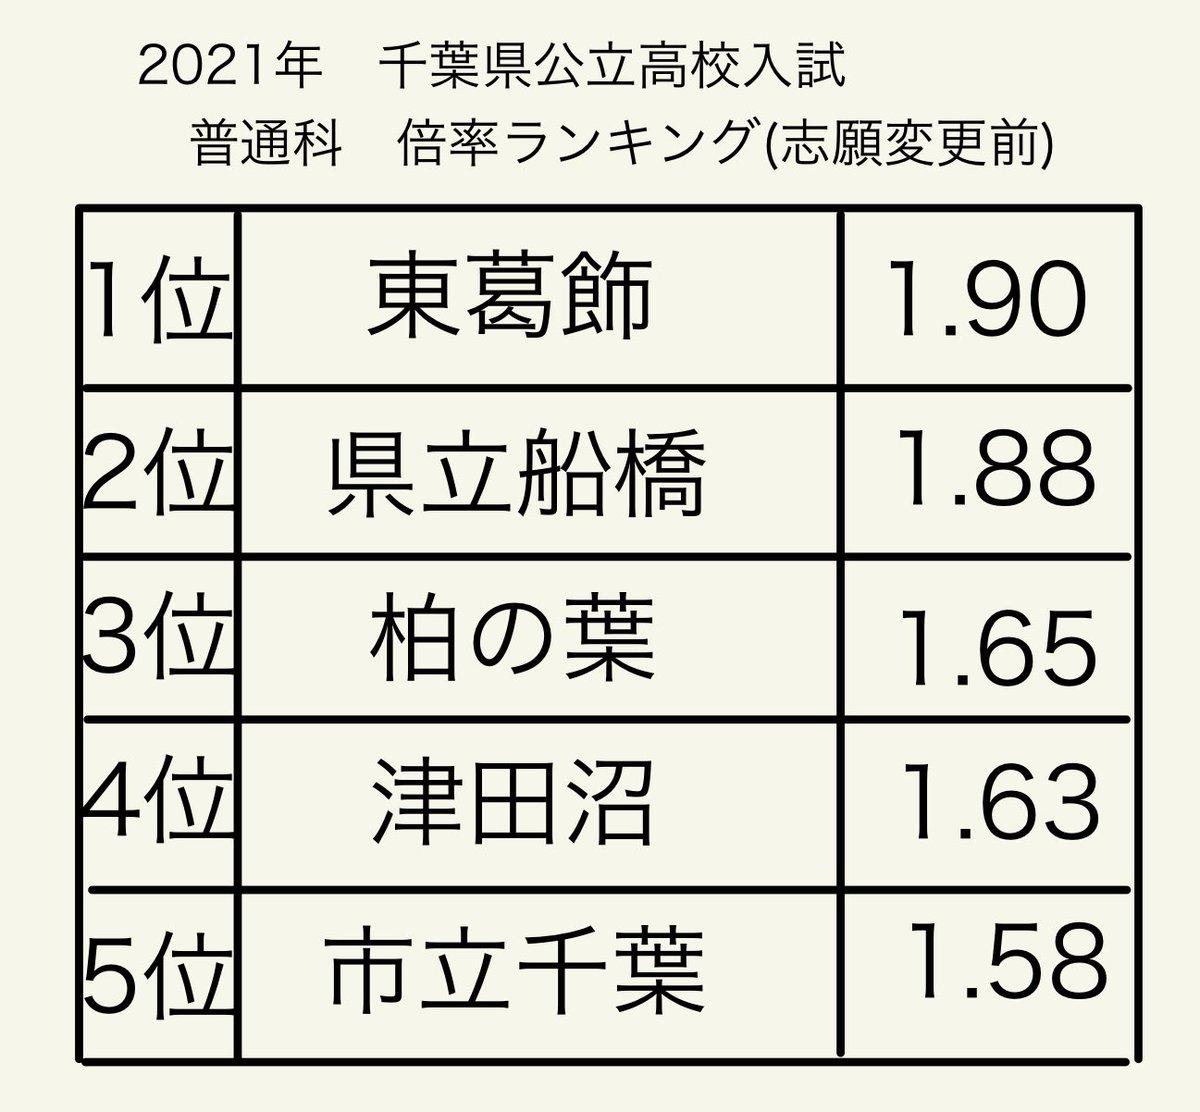 公立 千葉 倍率 速報 高校 県 2021